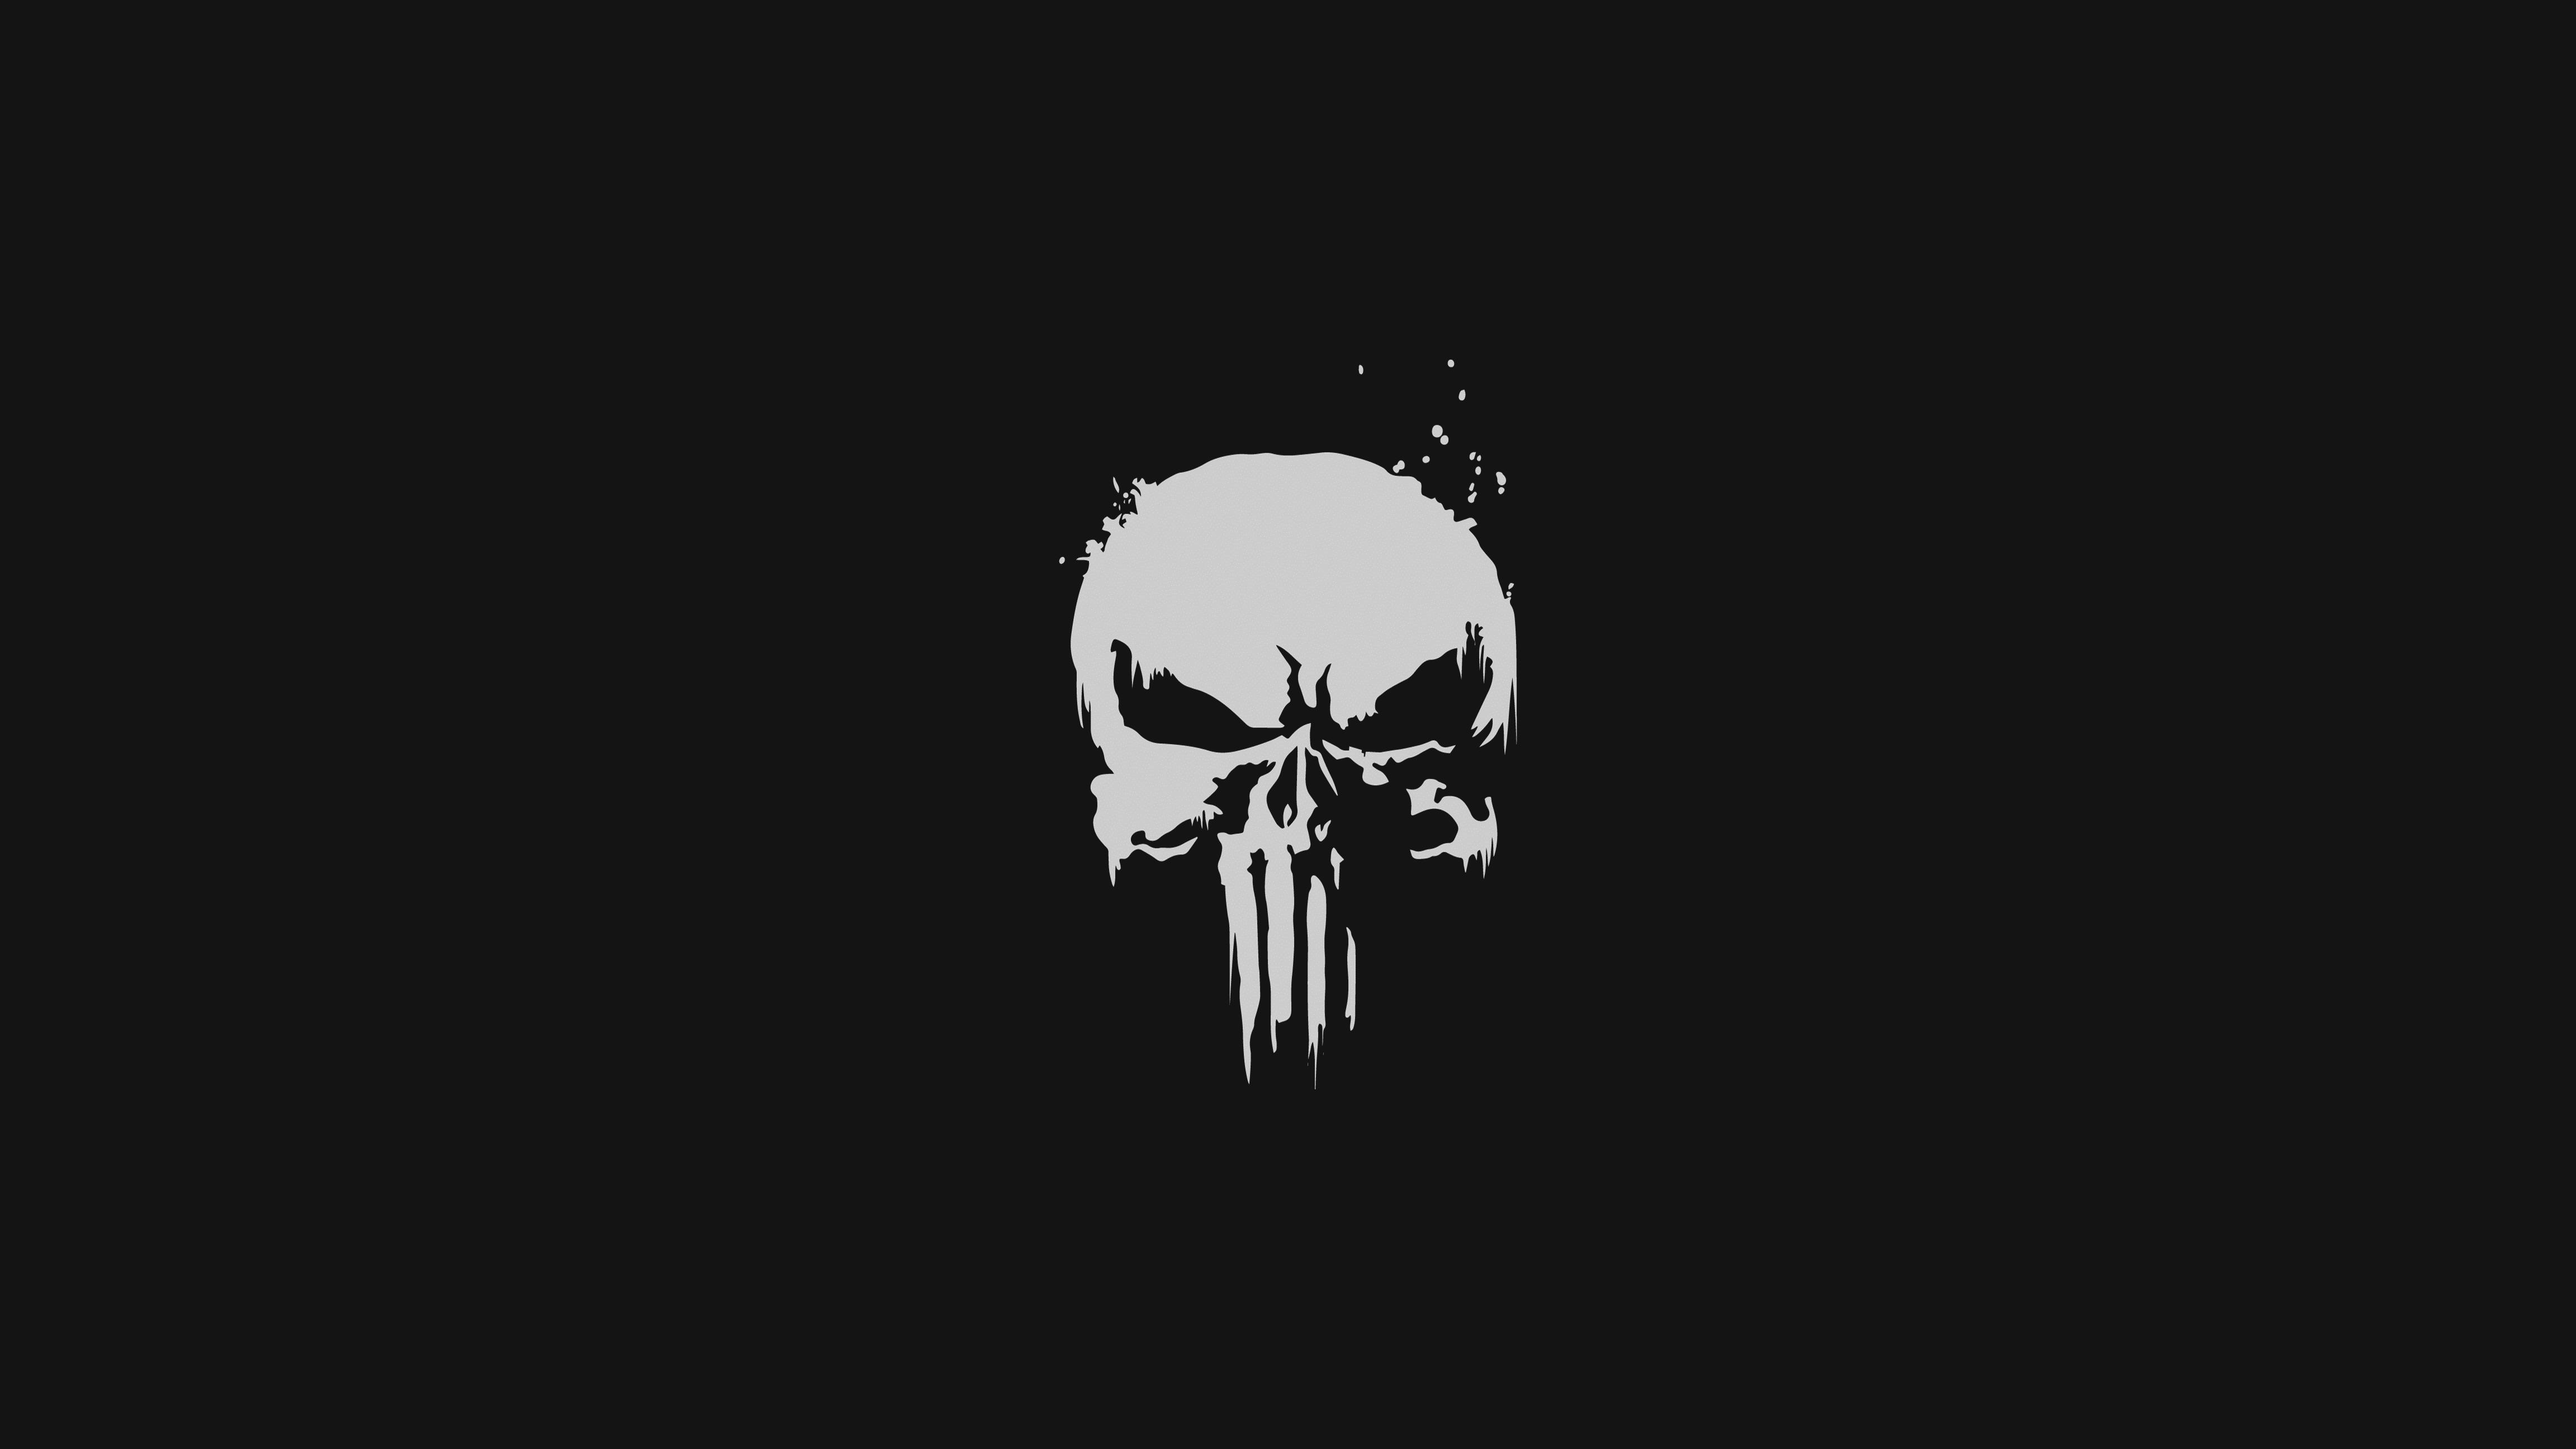 the punisher minimalist logo 1578252728 - The Punisher Minimalist Logo - The Punisher Minimalist Logo 4k wallpaper